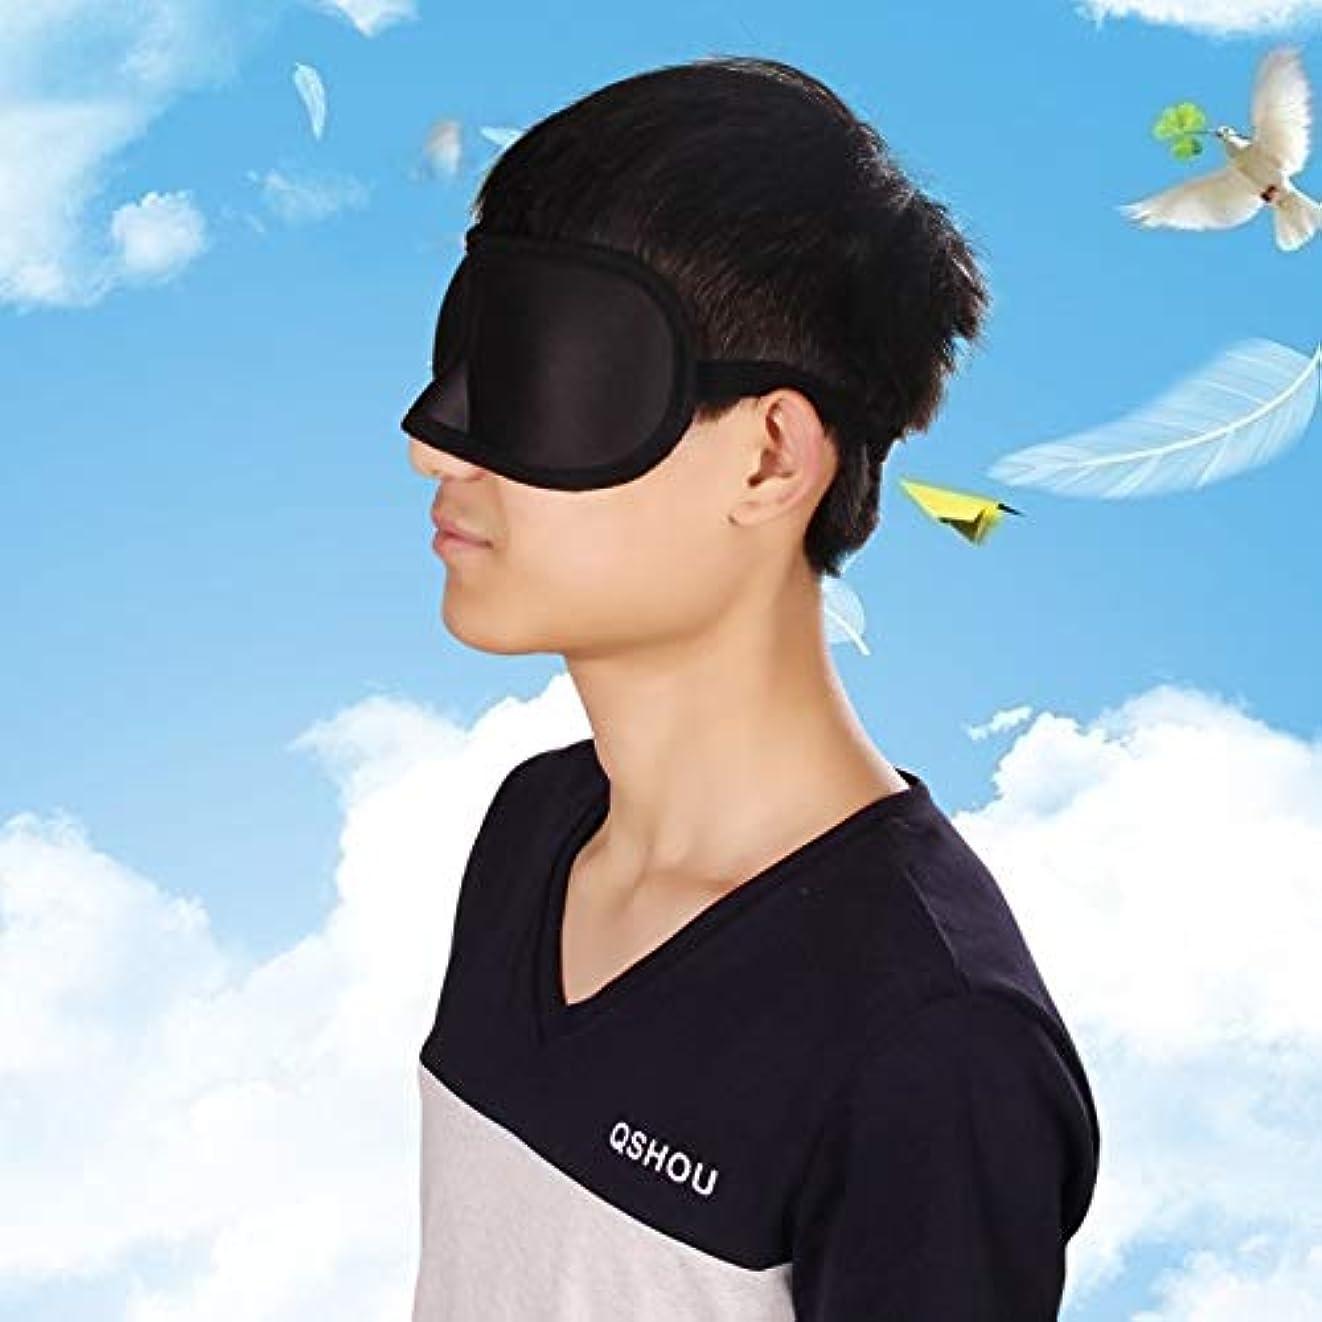 必要オフェンス独裁者NOTE 3d睡眠マスク援助自然睡眠アイマスクナイトアイシェードカバーシェードアイパッチソフトポータブル目隠し休息旅行アイパッチ